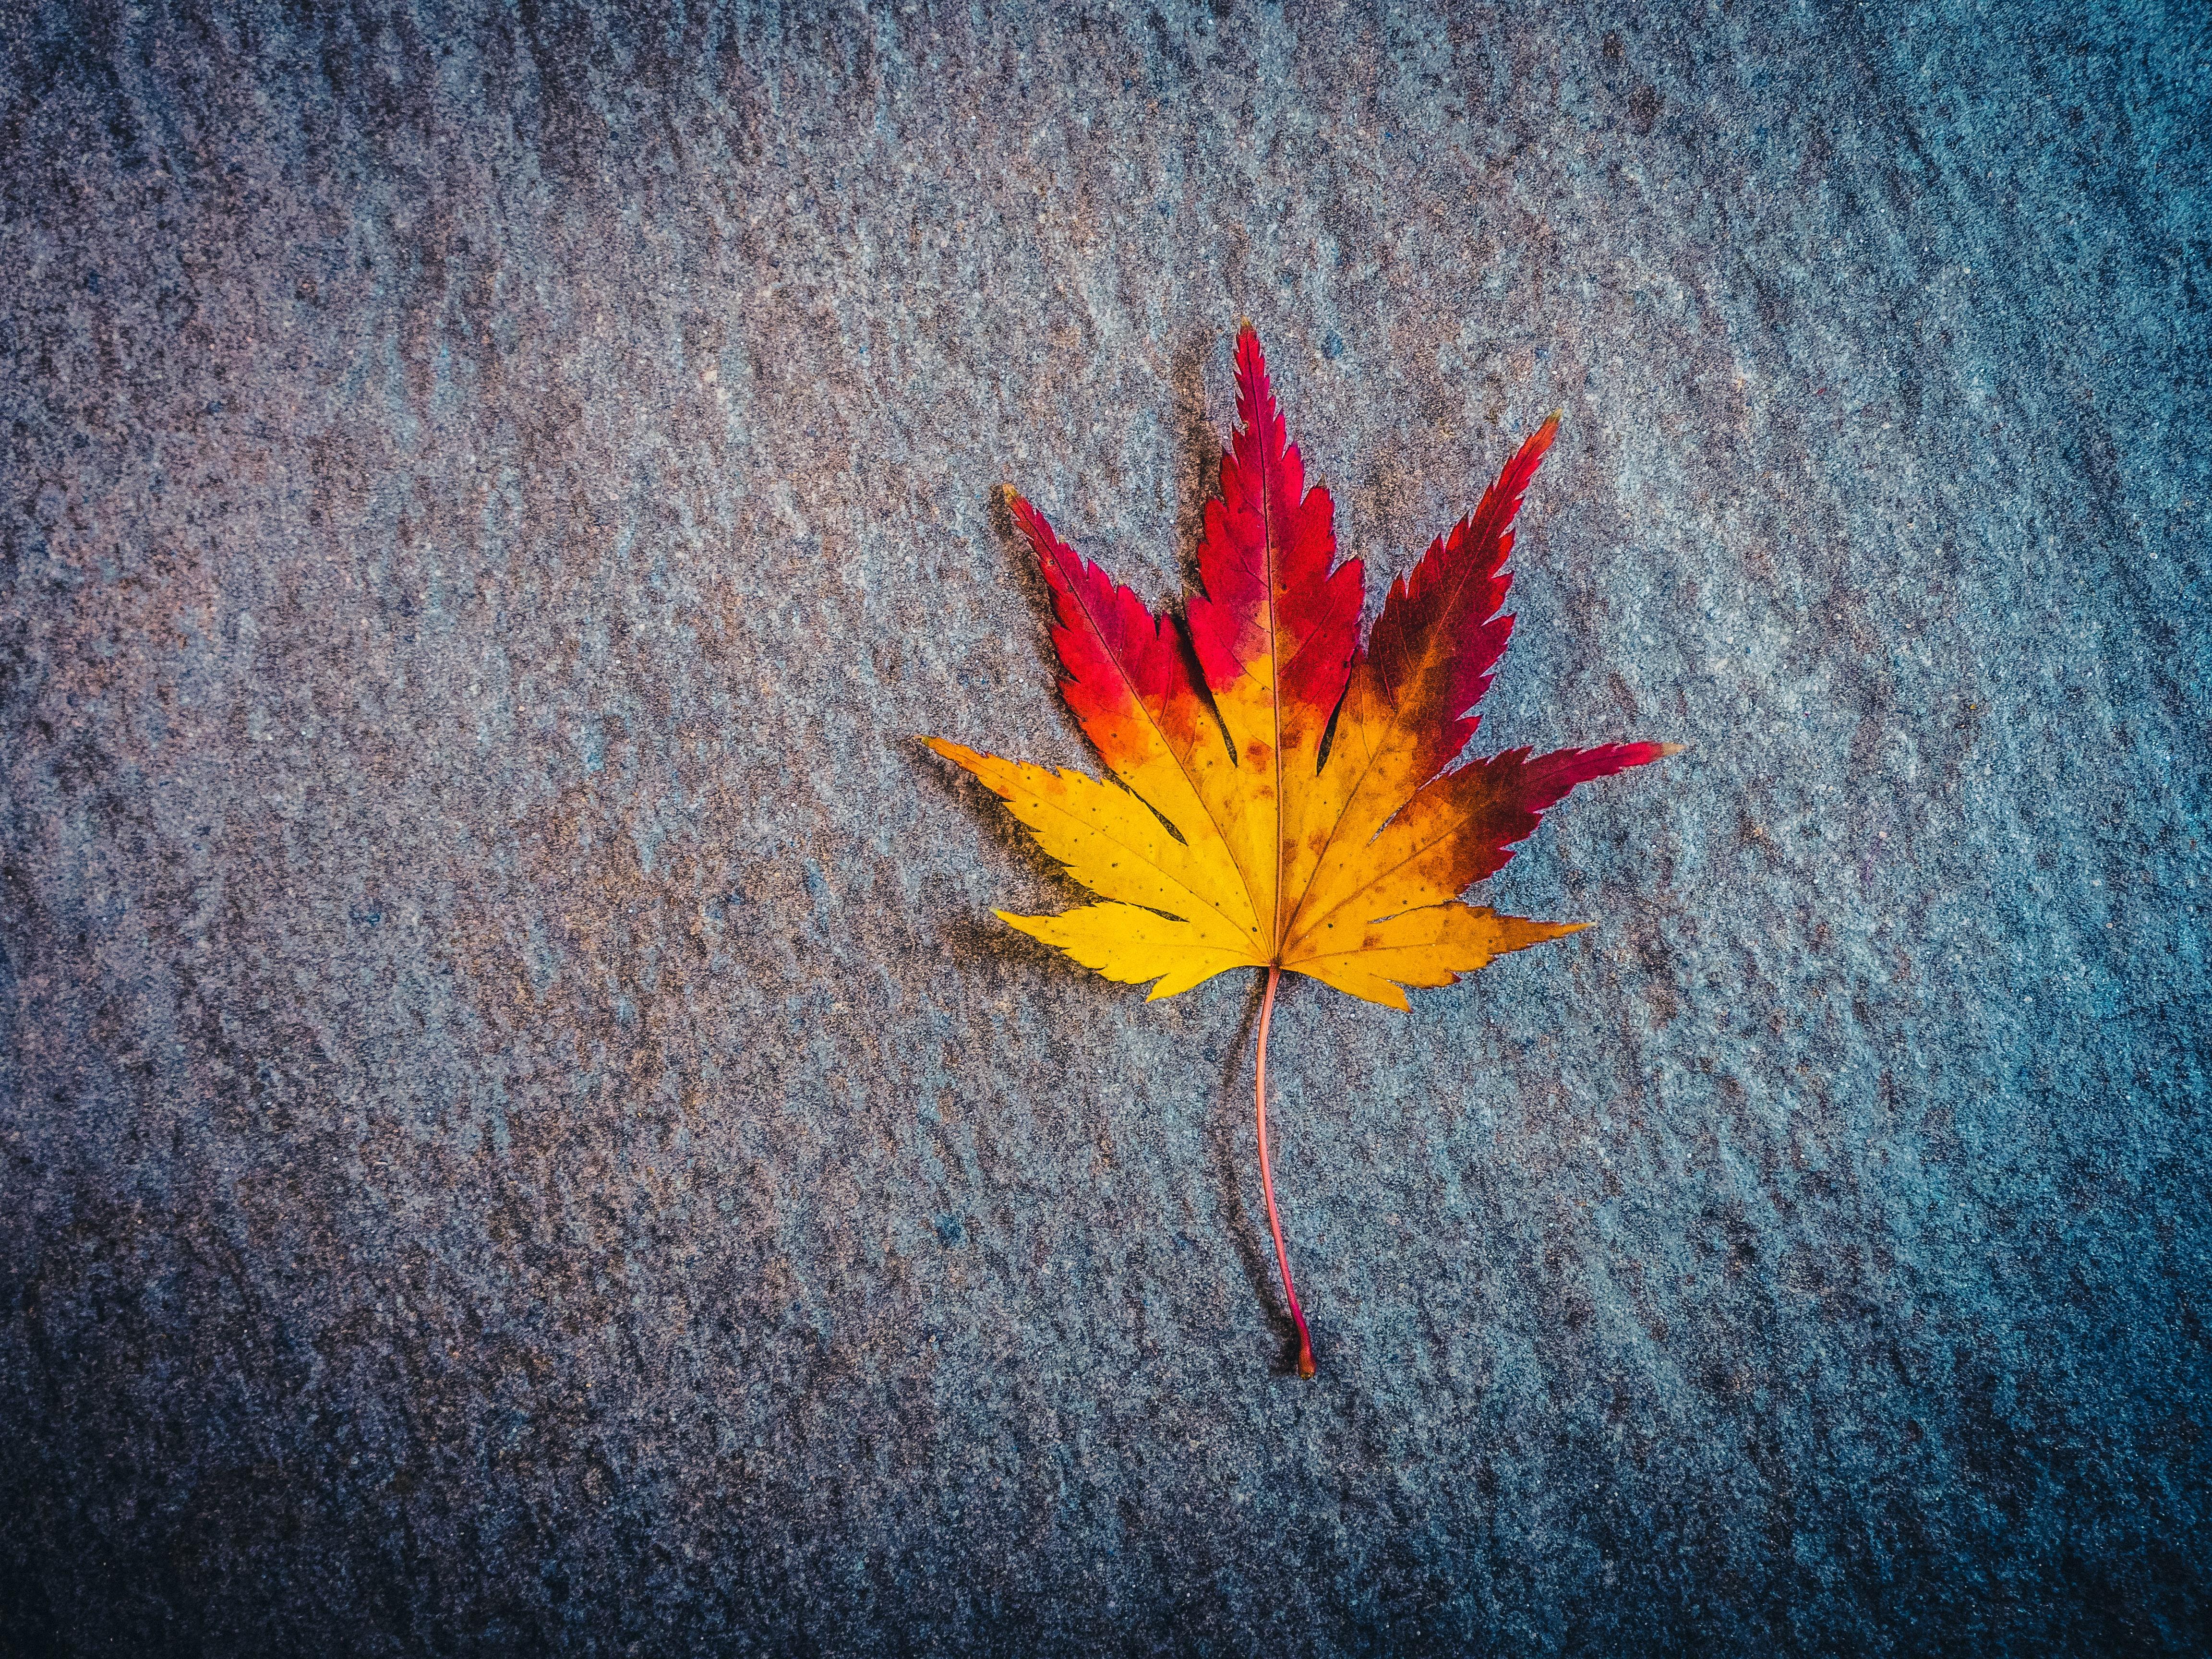 115902 скачать обои Разное, Лист, Кленовый, Осень, Минимализм - заставки и картинки бесплатно